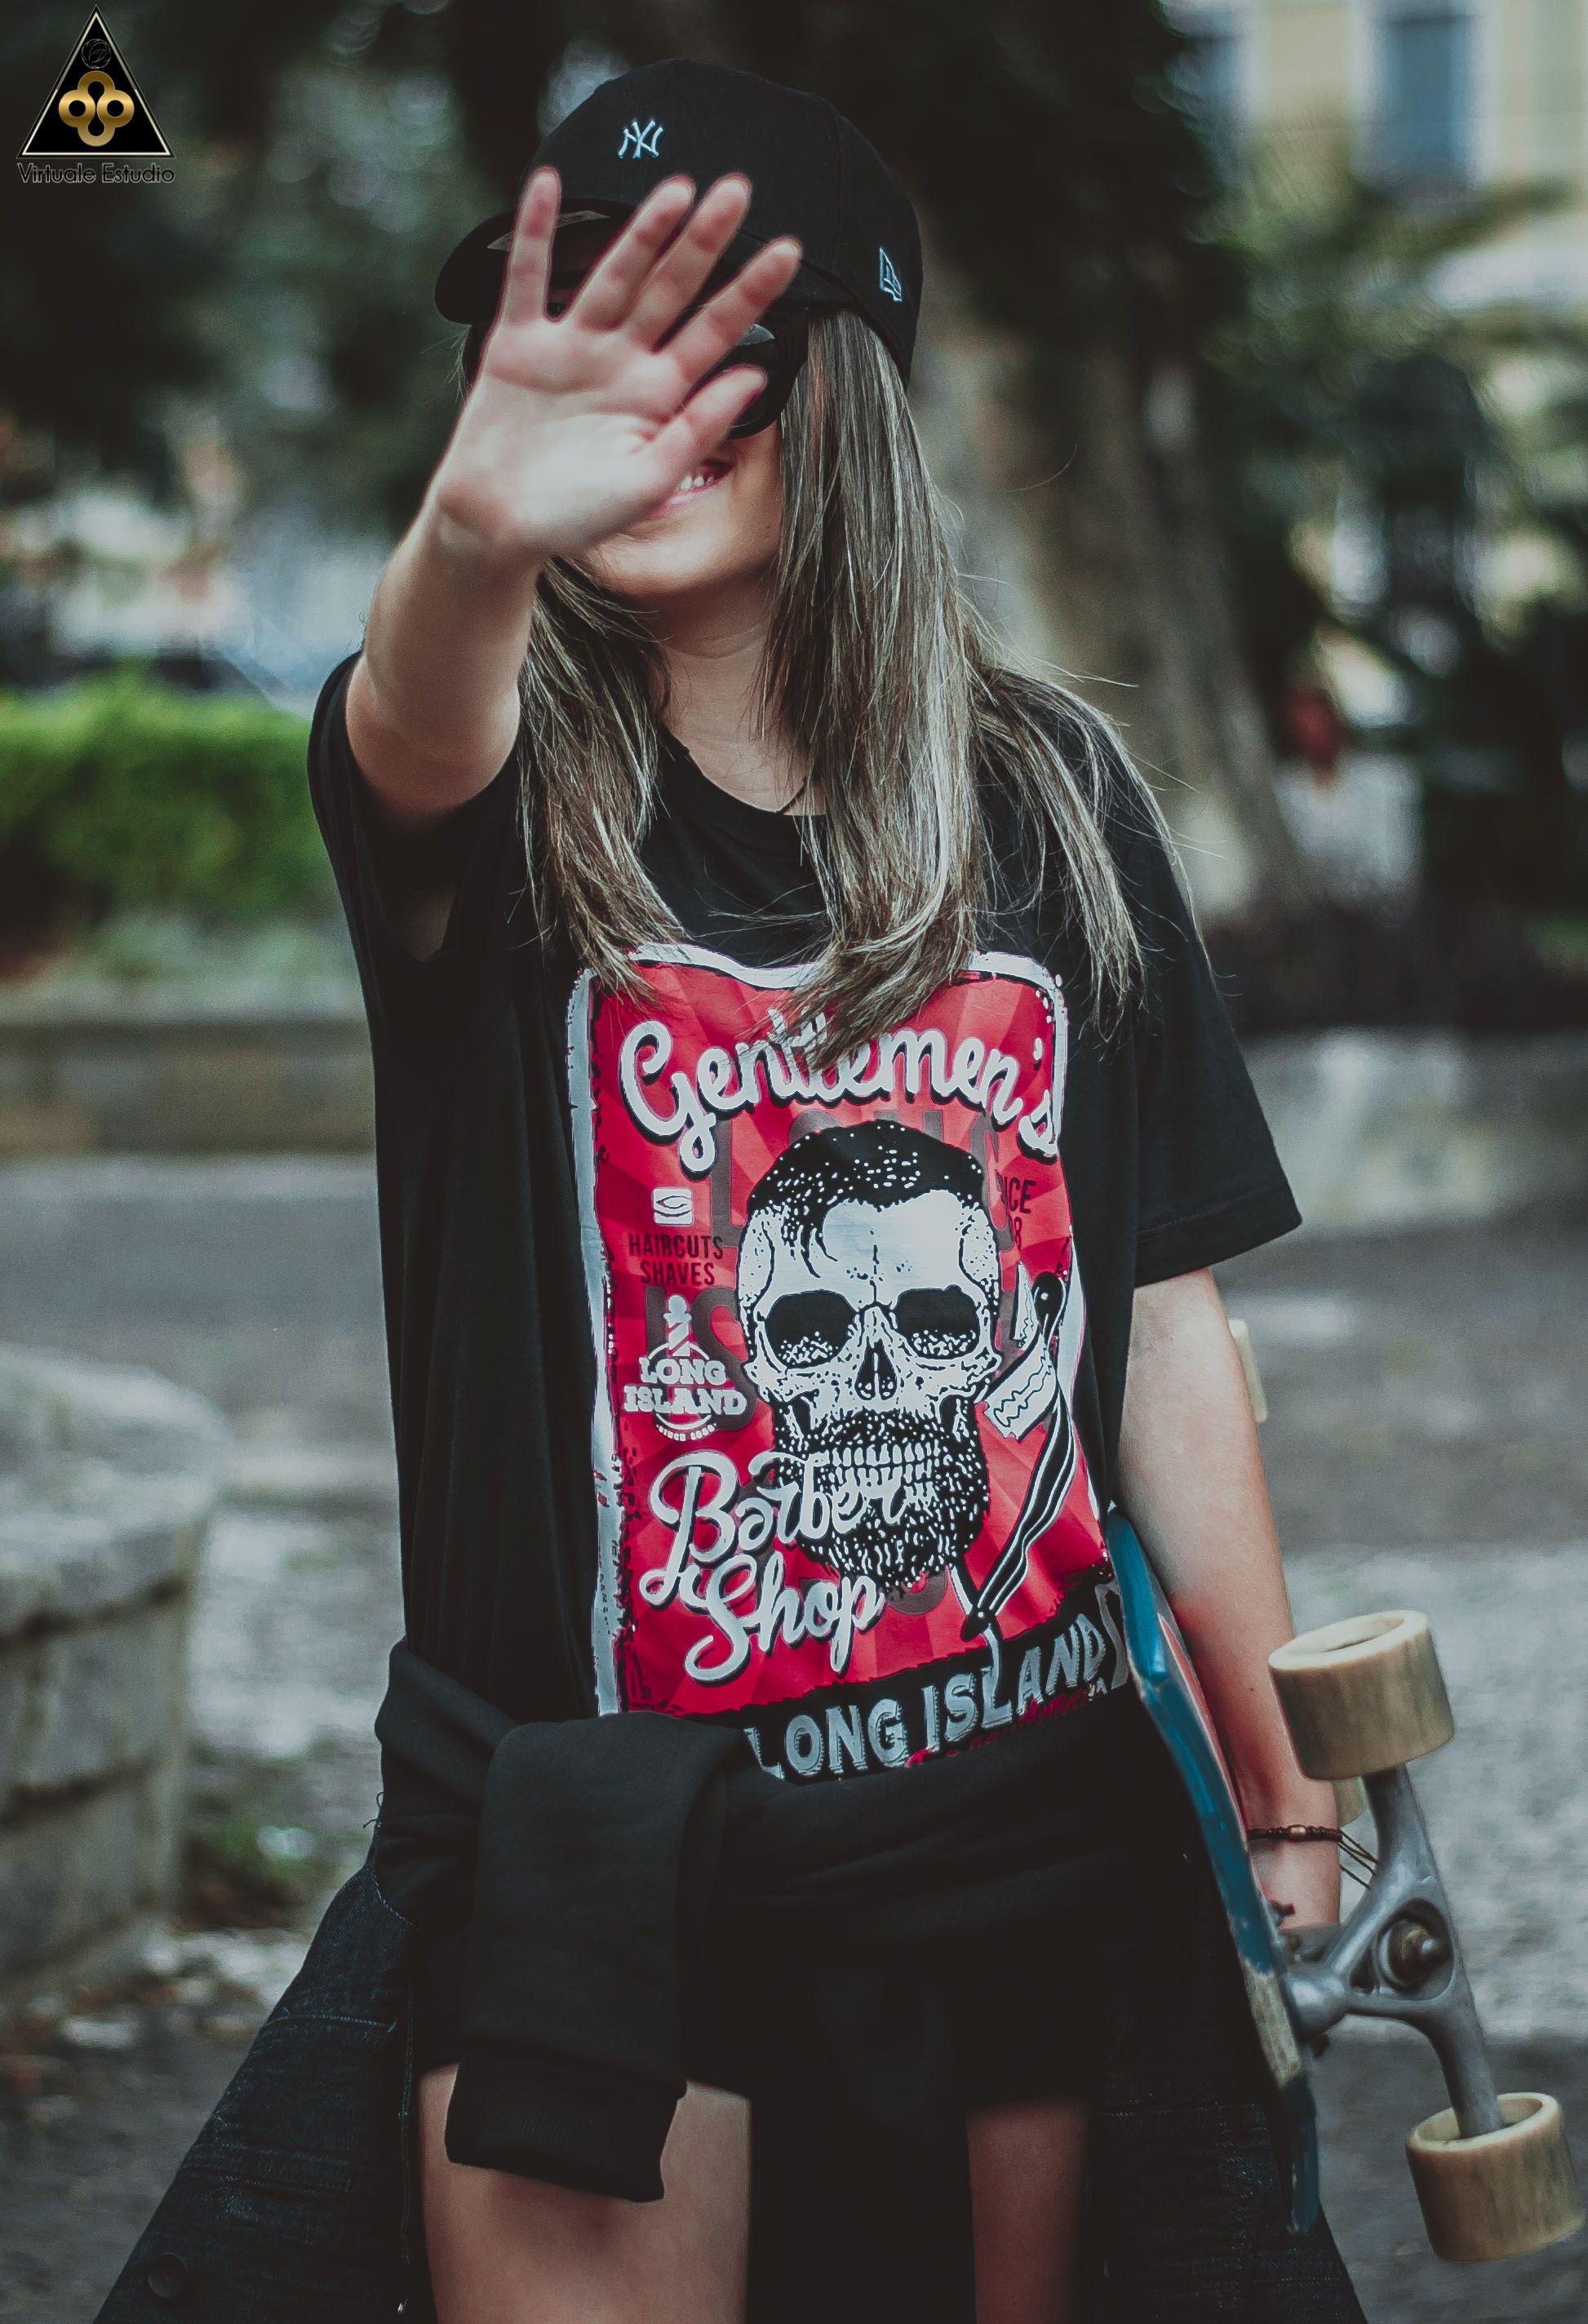 f99068fc866ee Tee Shirt · Centre · Grandes marcas, ofertas  IMPERDÍVEIS você encontra na  Kalahary! No Look ,Camiseta